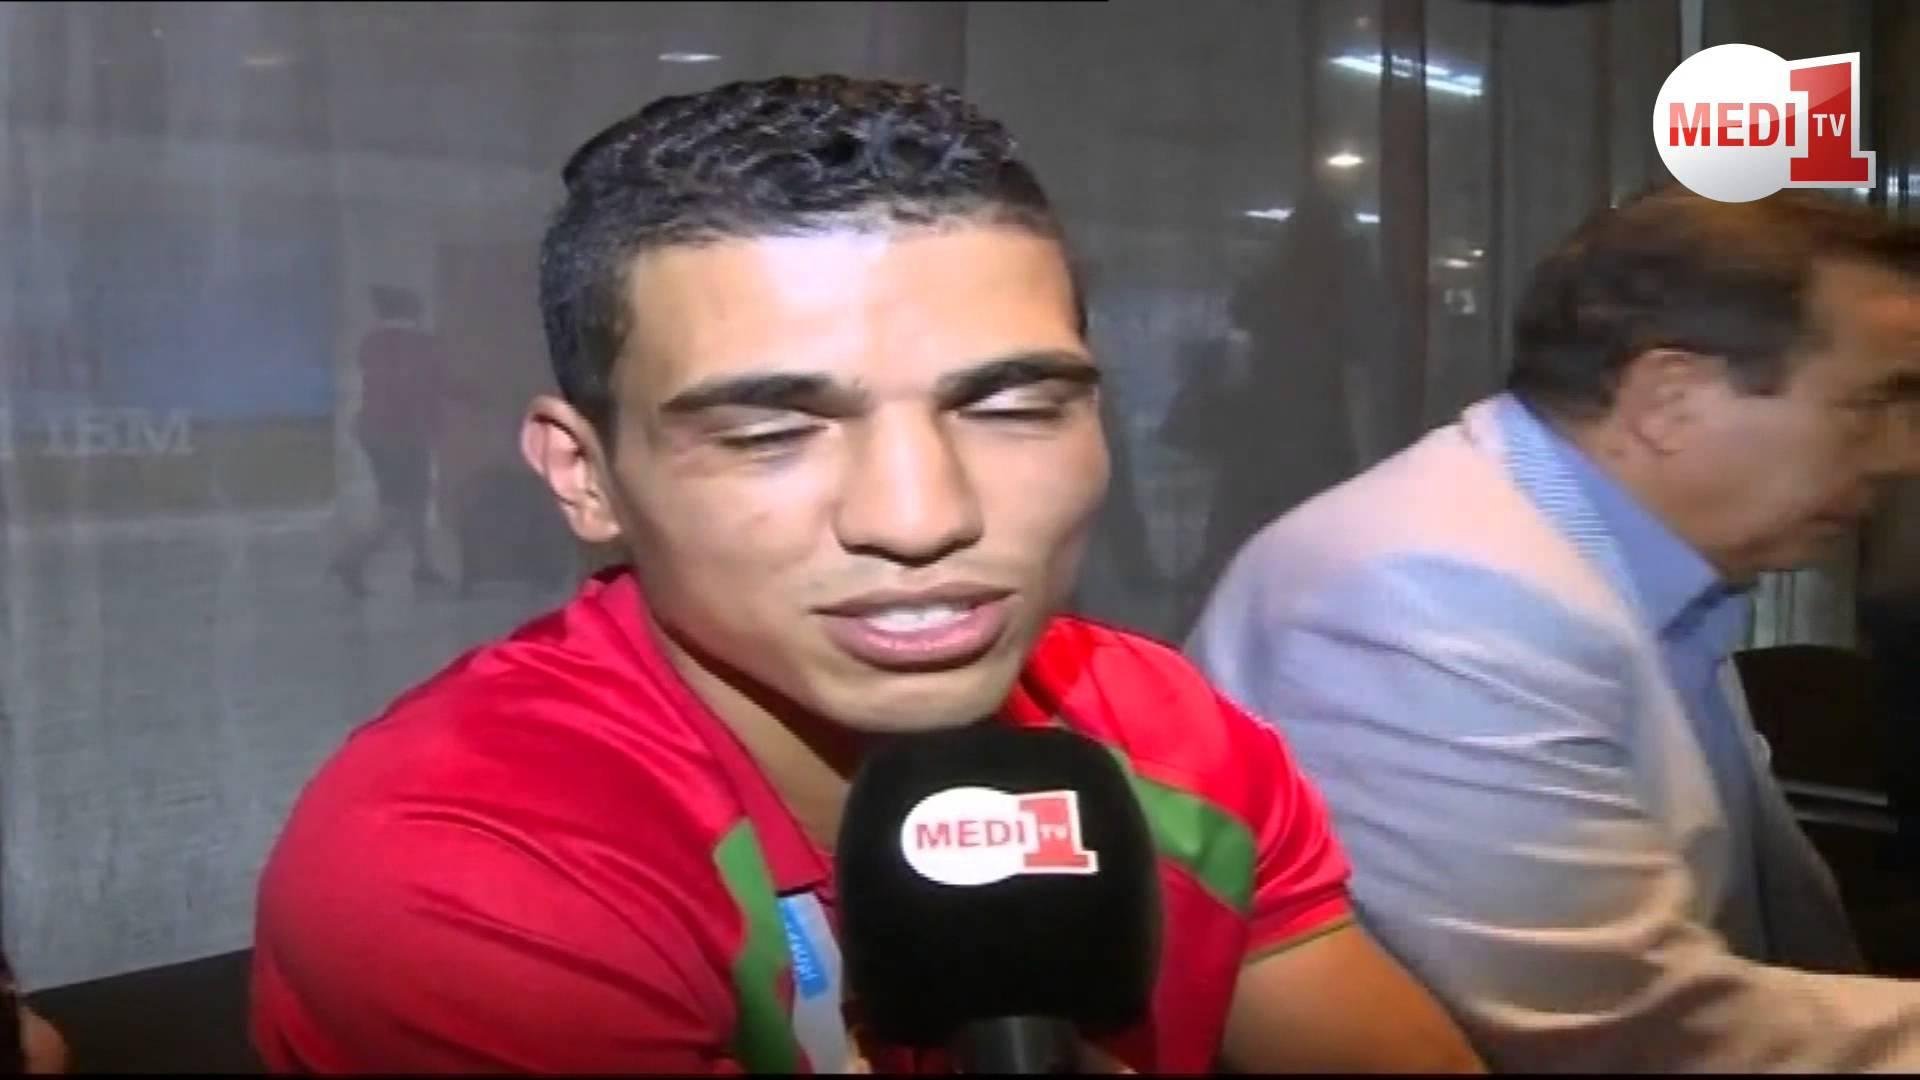 البطل العالمي محمد ربيعي يعترف بحبه لنادي الرجاء الرياضي